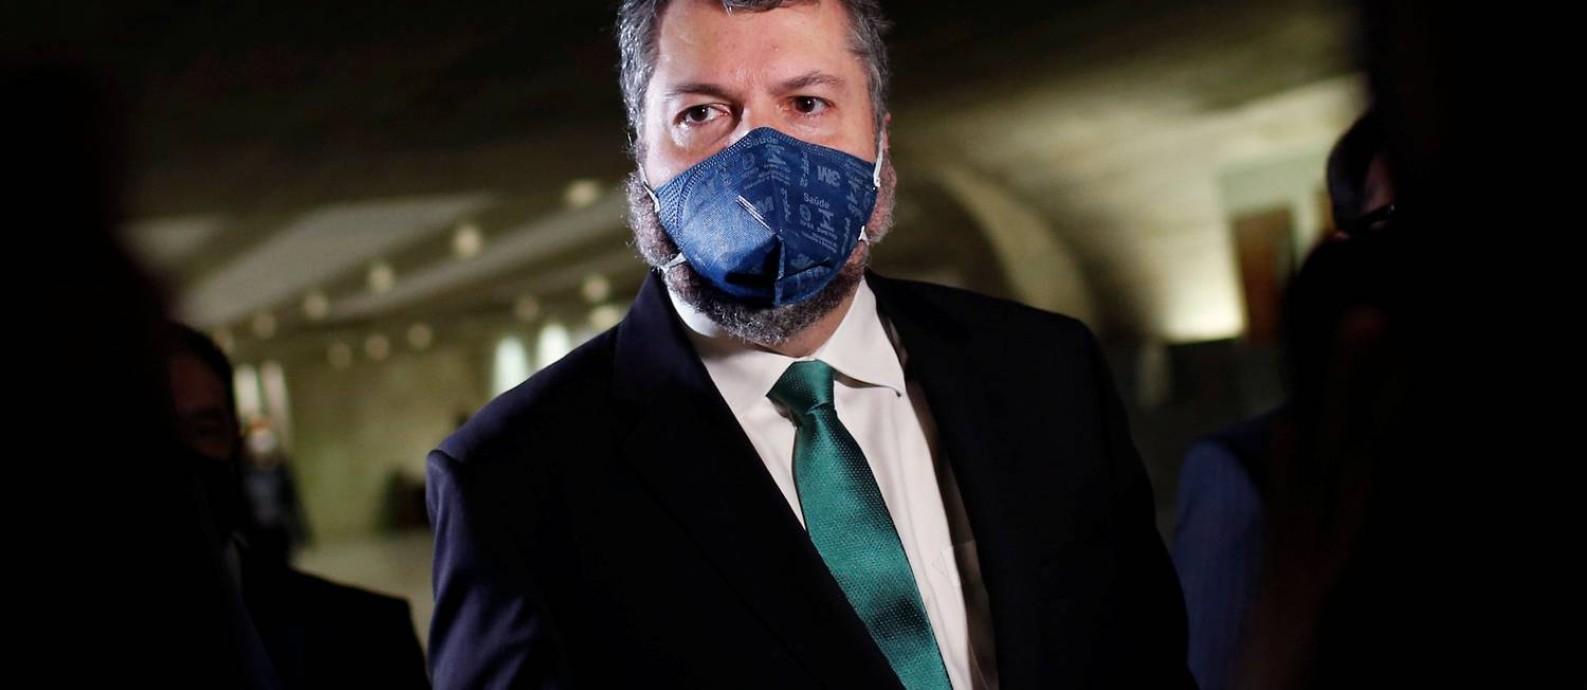 Ex-ministro das Relações Exteriores Ernesto Araújo depõe na CPI da Covid Foto: ADRIANO MACHADO / REUTERS